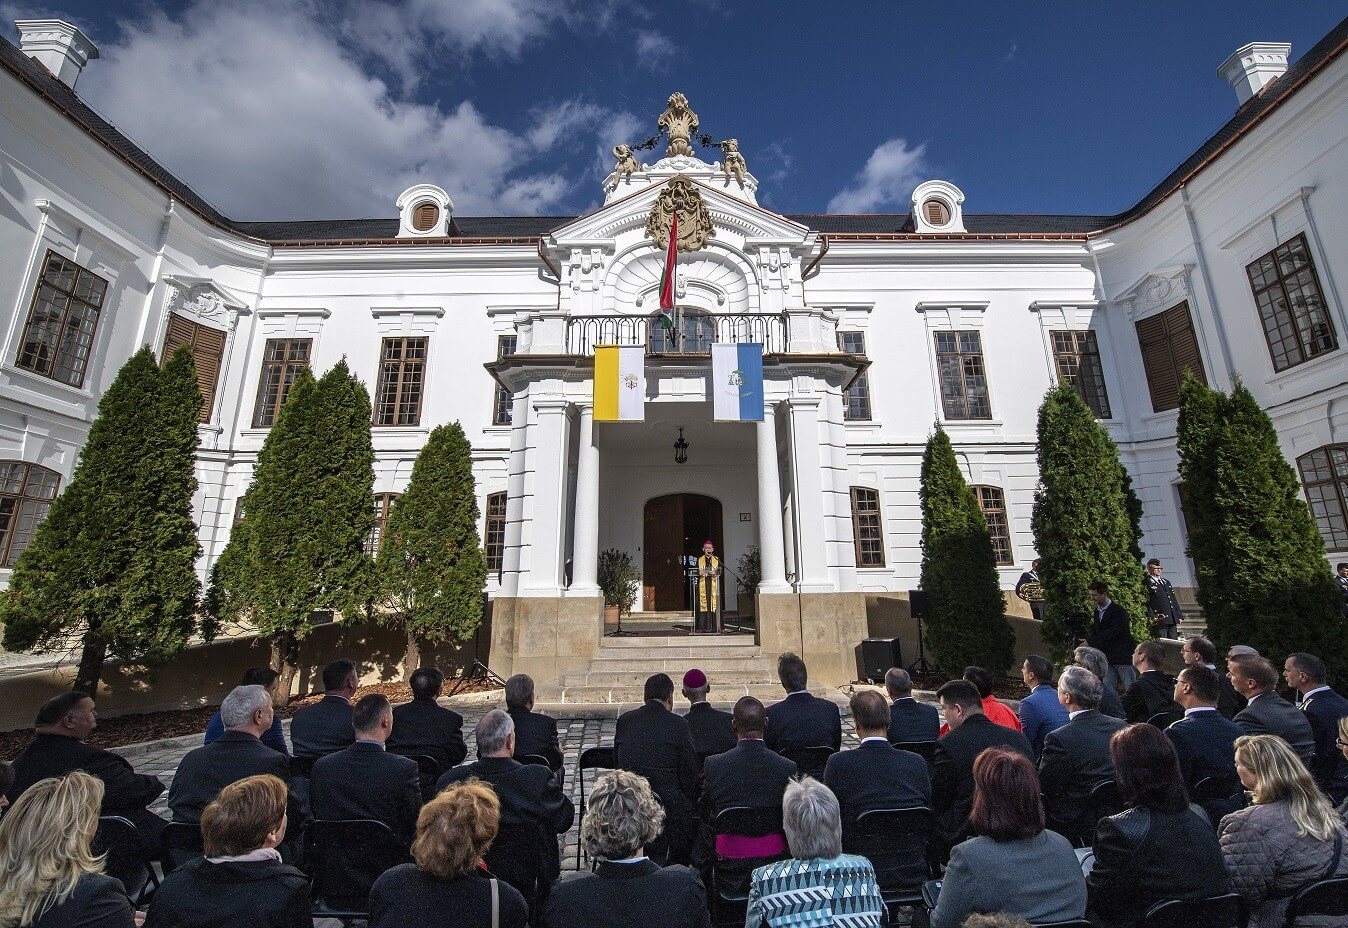 Megújult a barokk építészet egyik kimagasló épülete Veszprémben